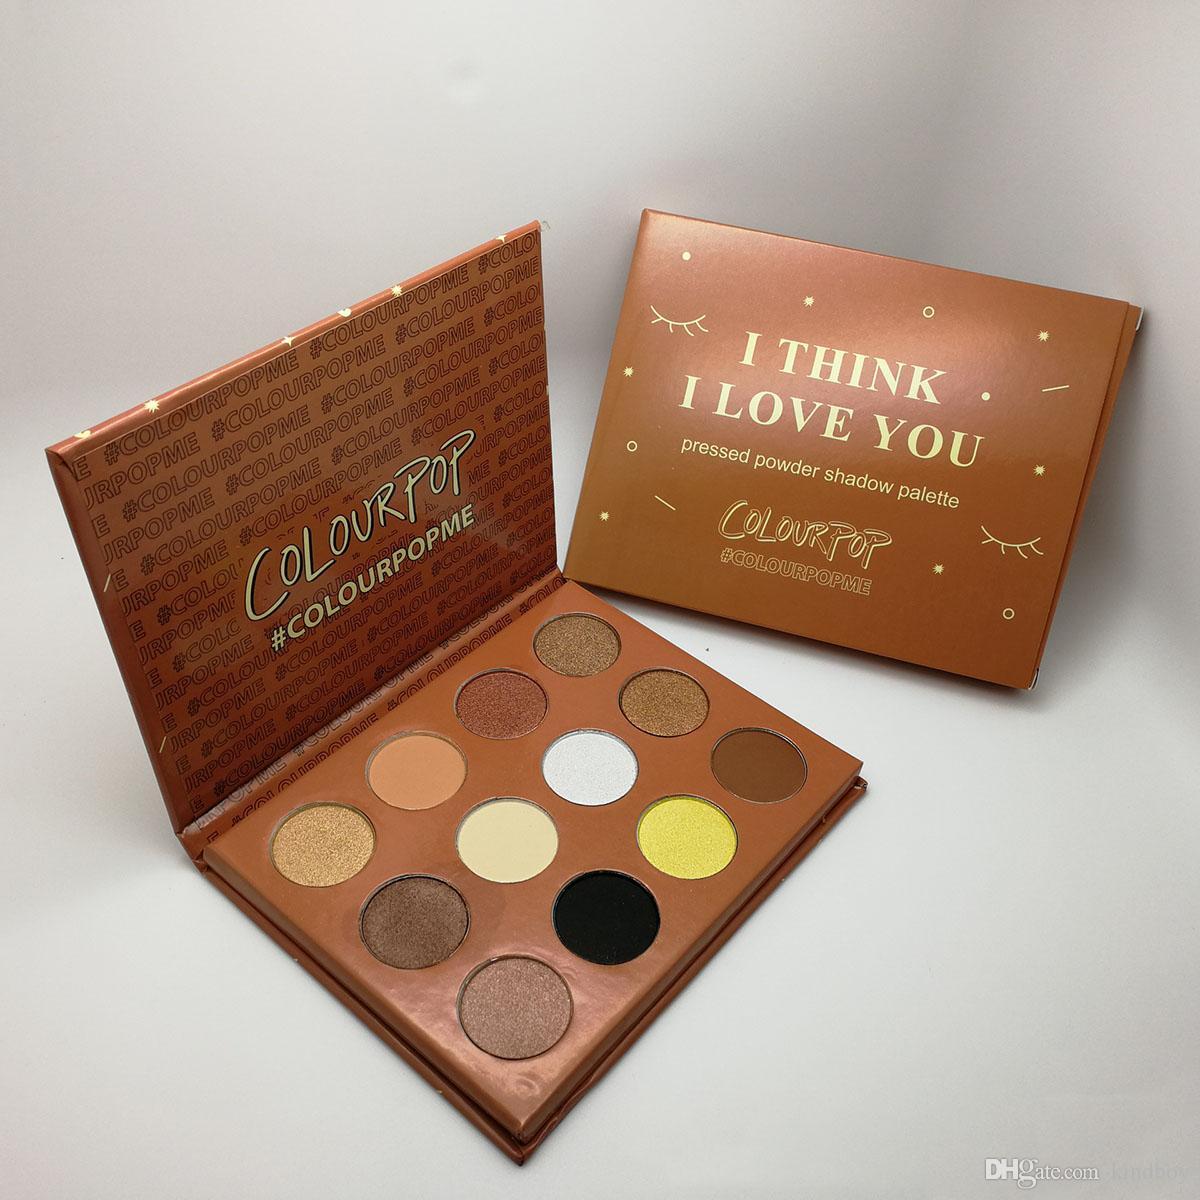 Nouveau Palette de maquillage 12 couleurs fard à paupières palette de maquillage ColourPop Cosmetics MIX DHL Livraison gratuite universelle 12 couleurs / set